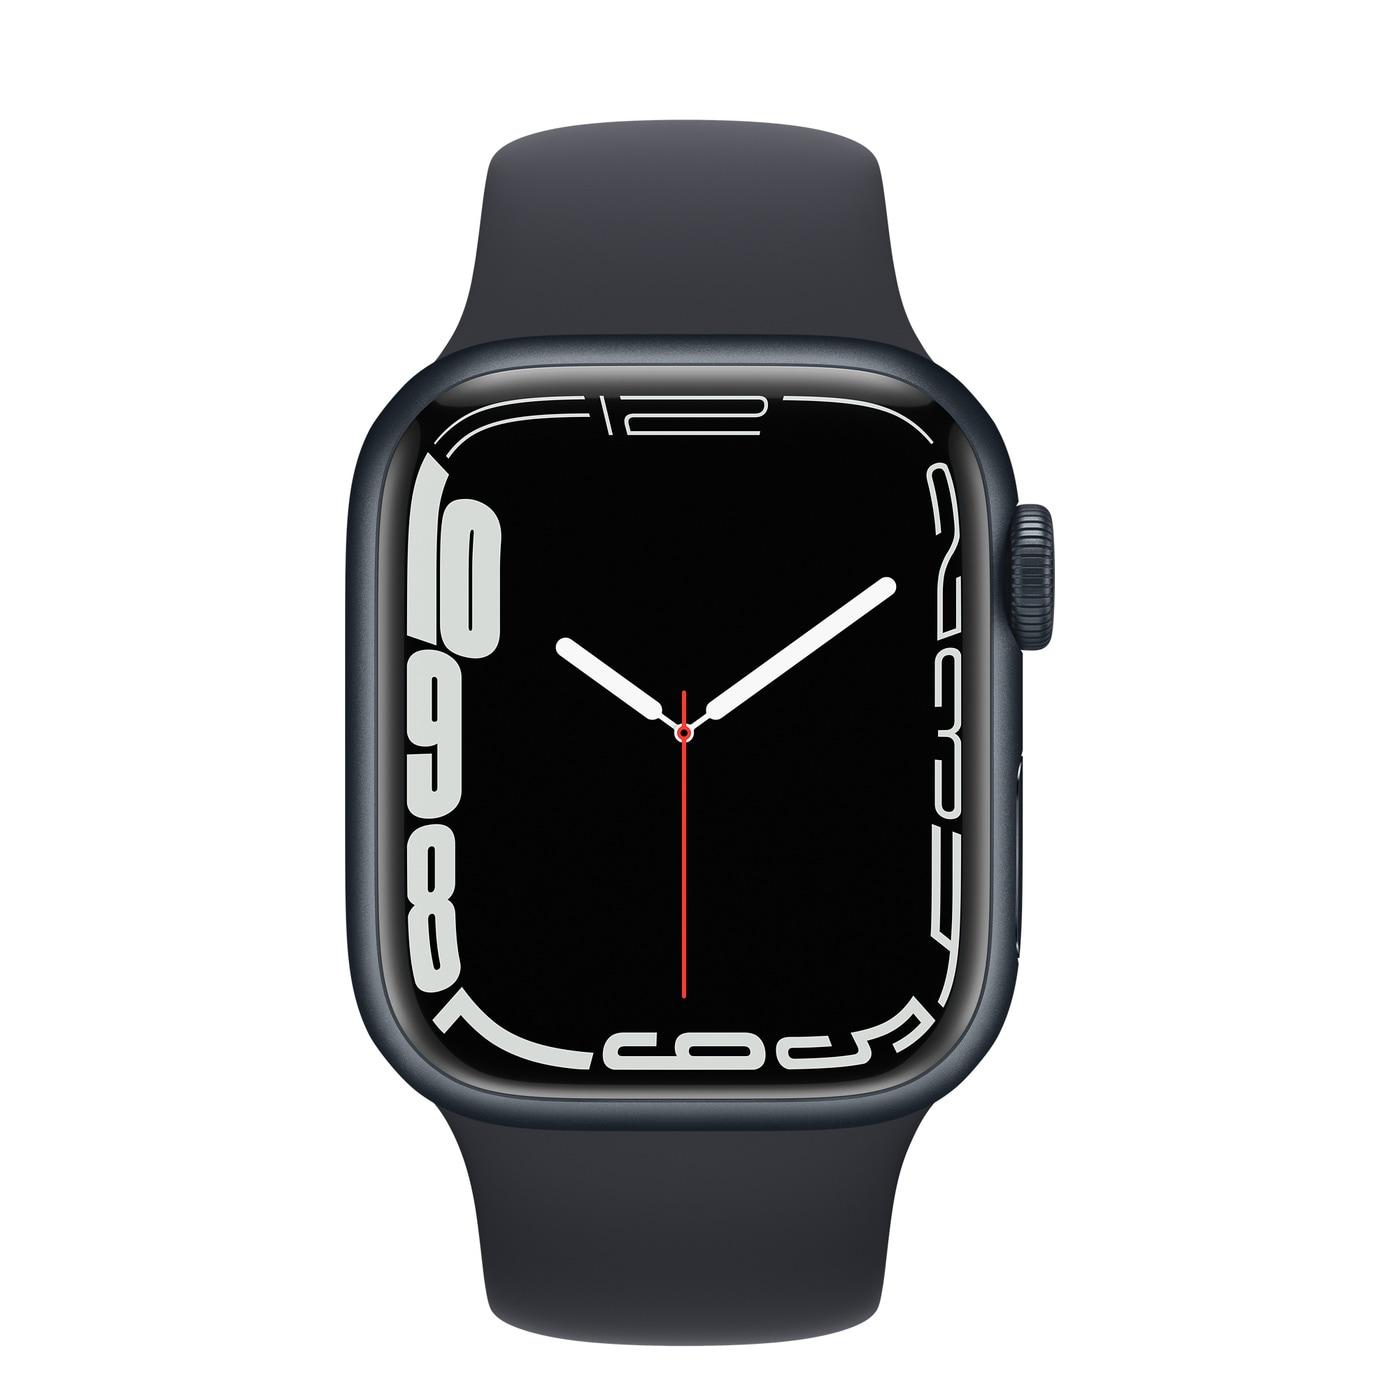 Apple Watch Series 7 Aluminiumboett, Sportband - Midnatt